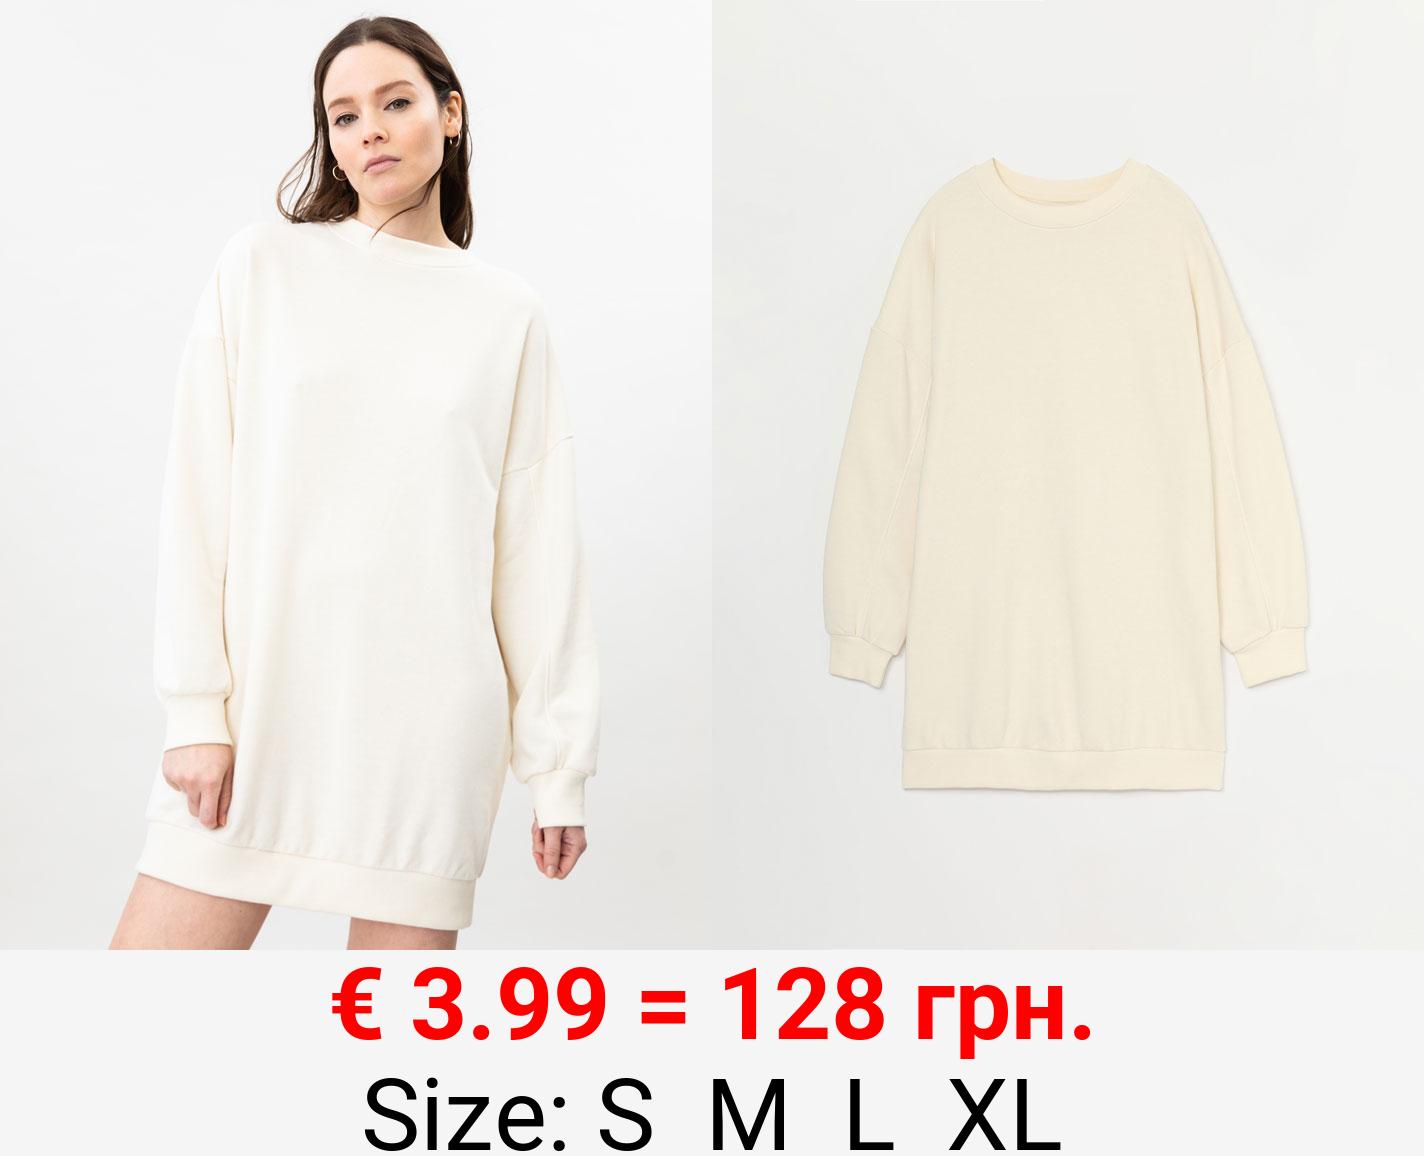 Long oversized sweatshirt